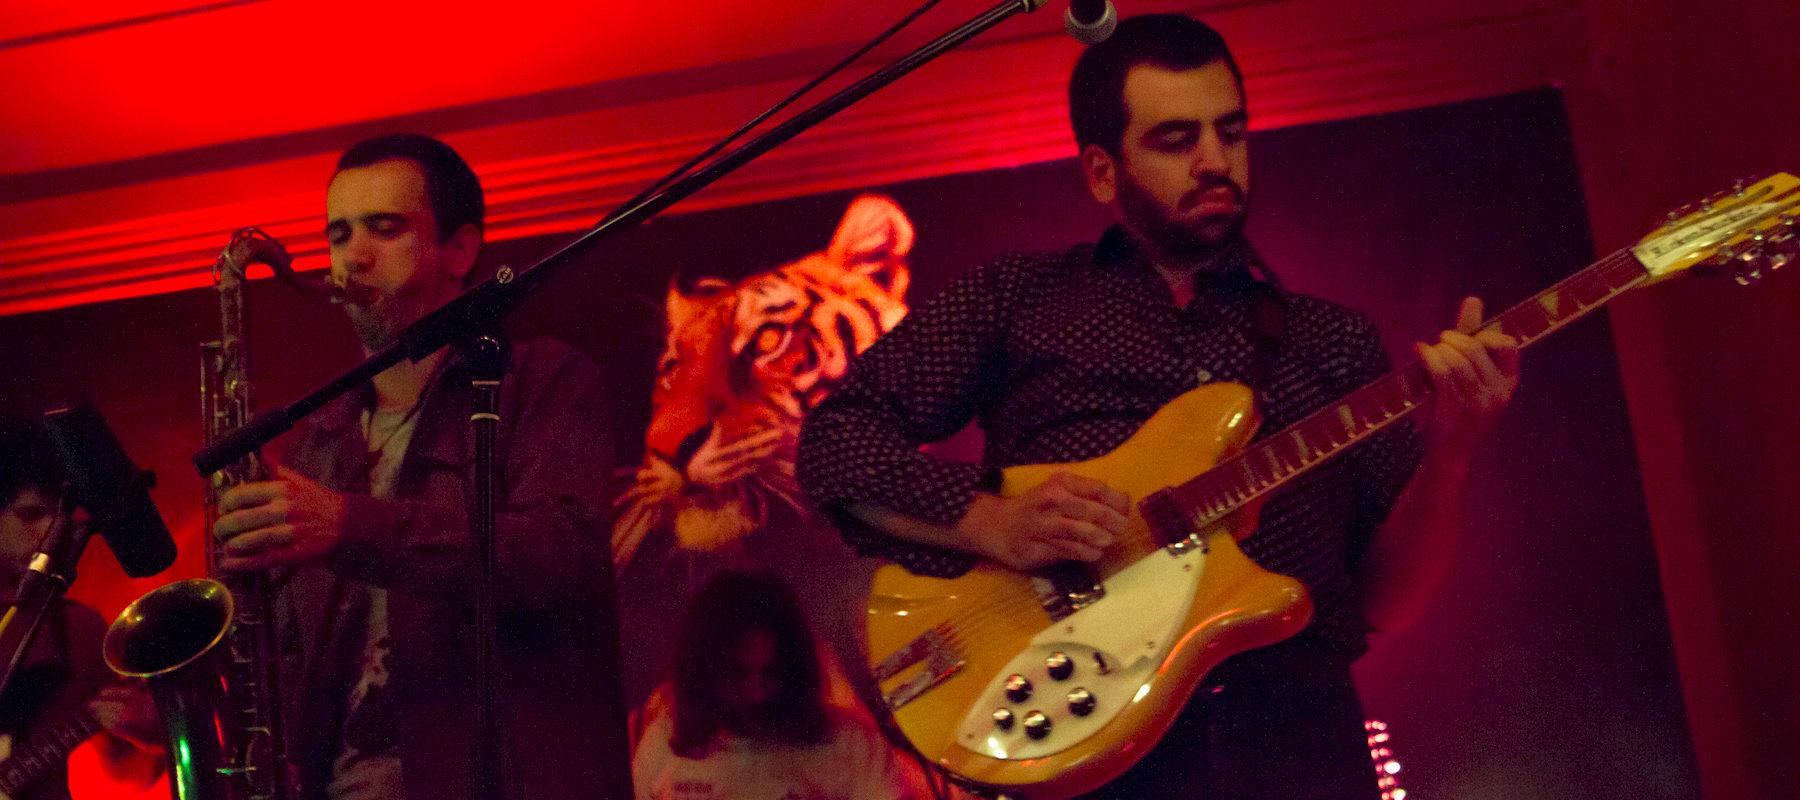 Permalink to: Basset Hounds apresentam novo disco na Casa Independente | Reportagem Fotográfica